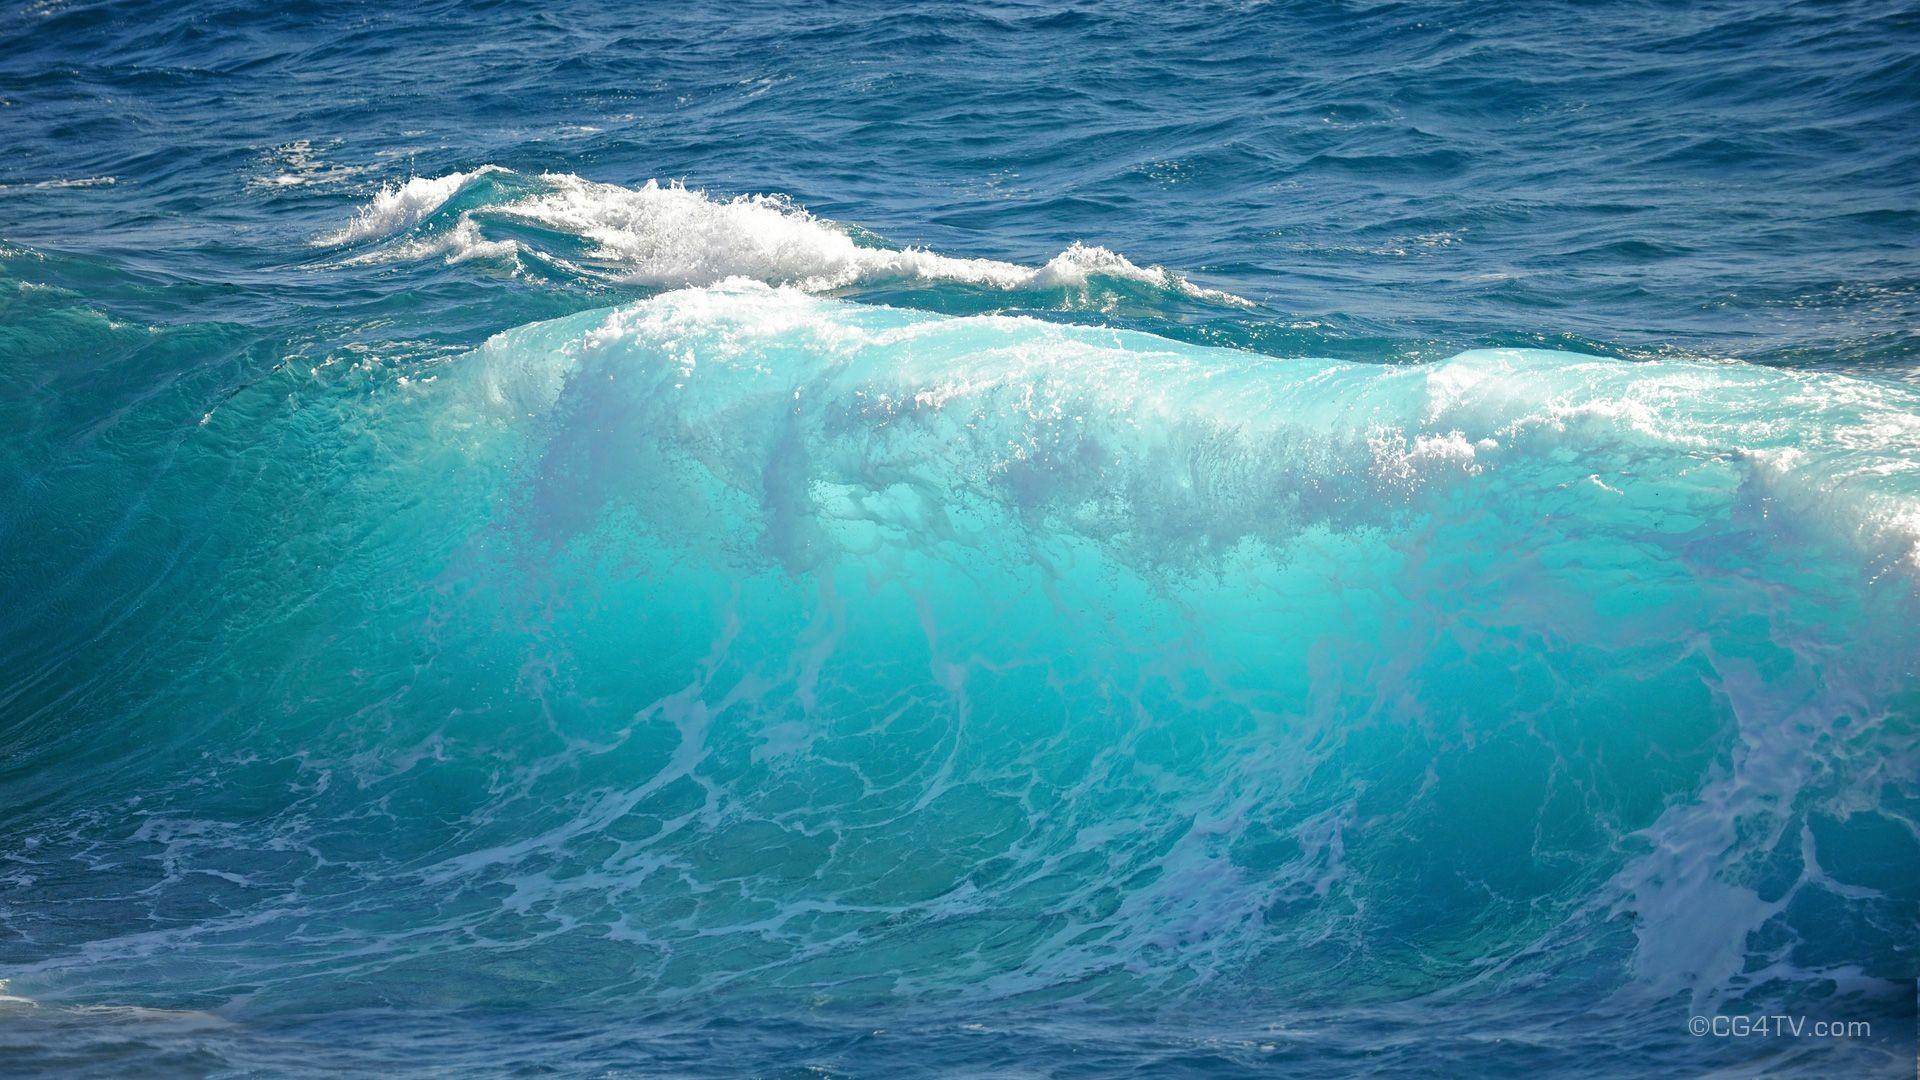 Res: 1920x1080, Desktop Photo Background Wave Backgrounds Ocean wallpaper 190540